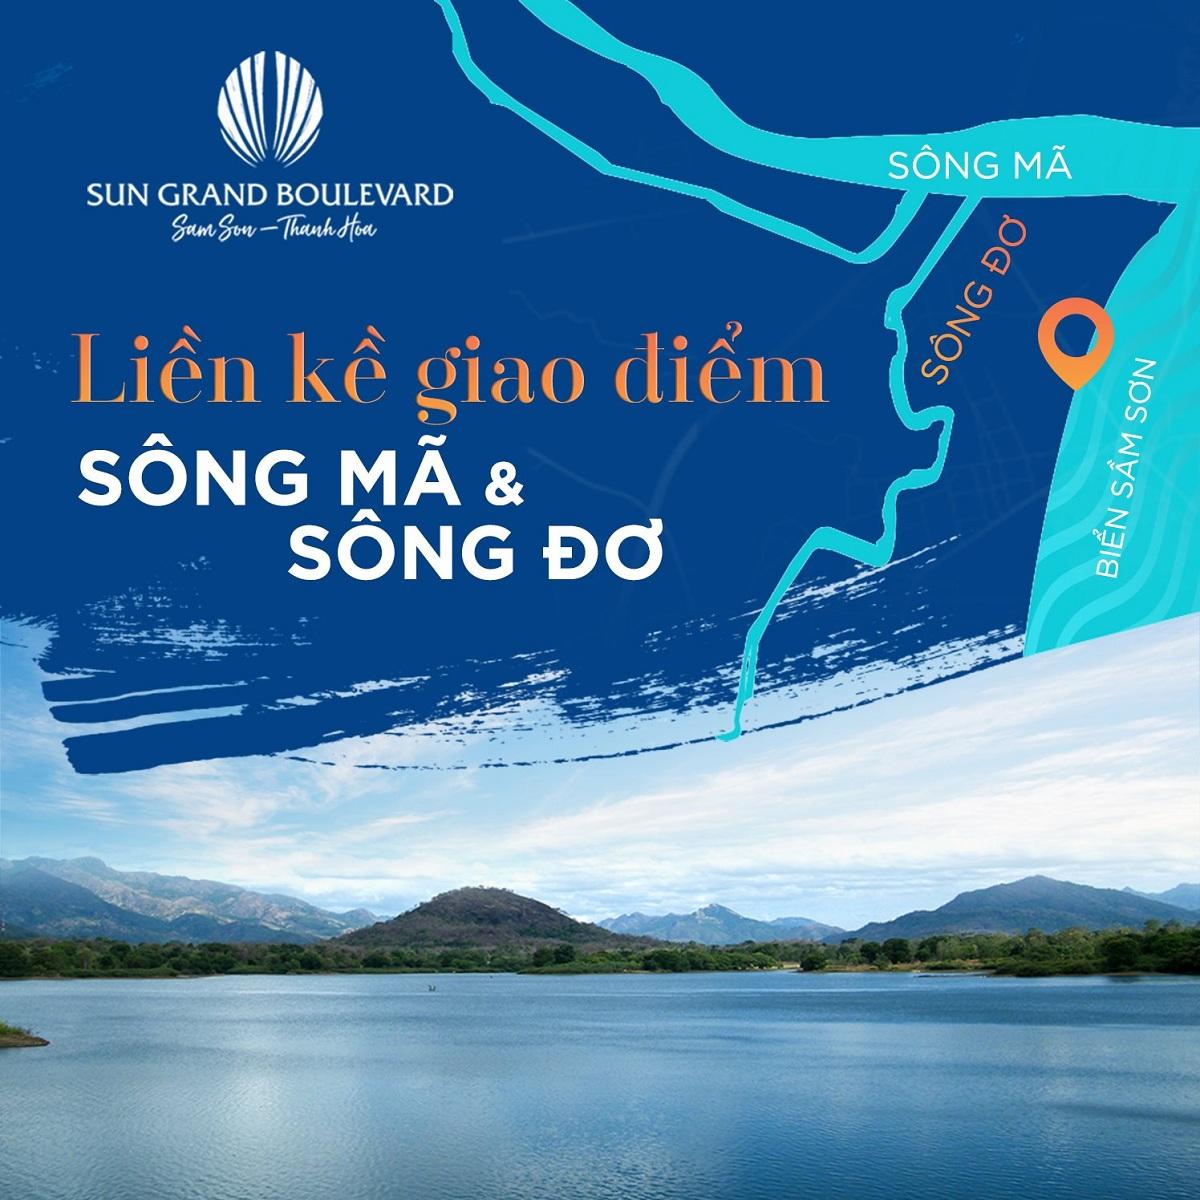 Sun Grand Boulevard Sầm Sơn là điểm giao kết nối của Sông Mã và Sông Đơ